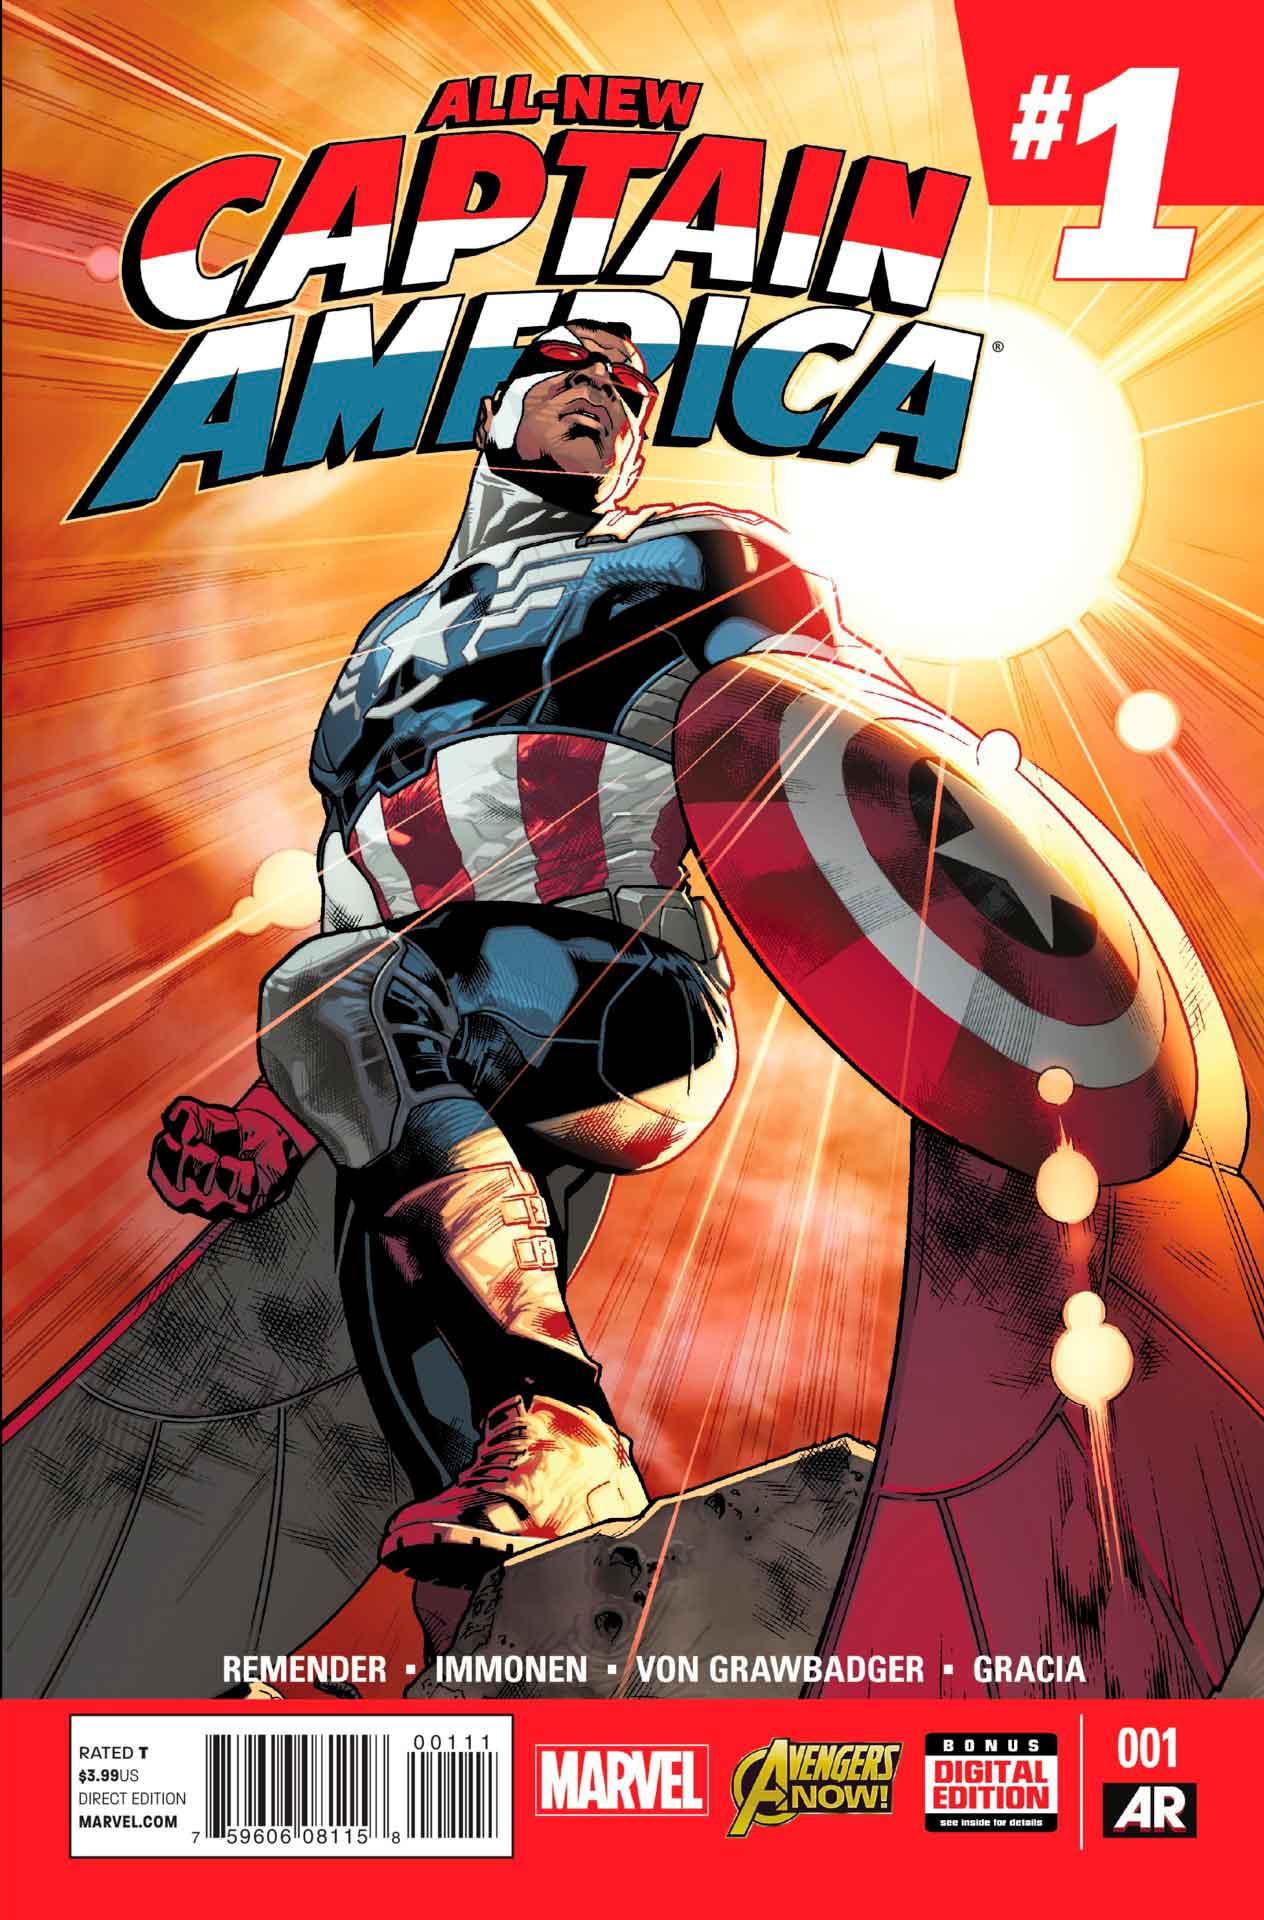 All New Captain America Vol 1. 1